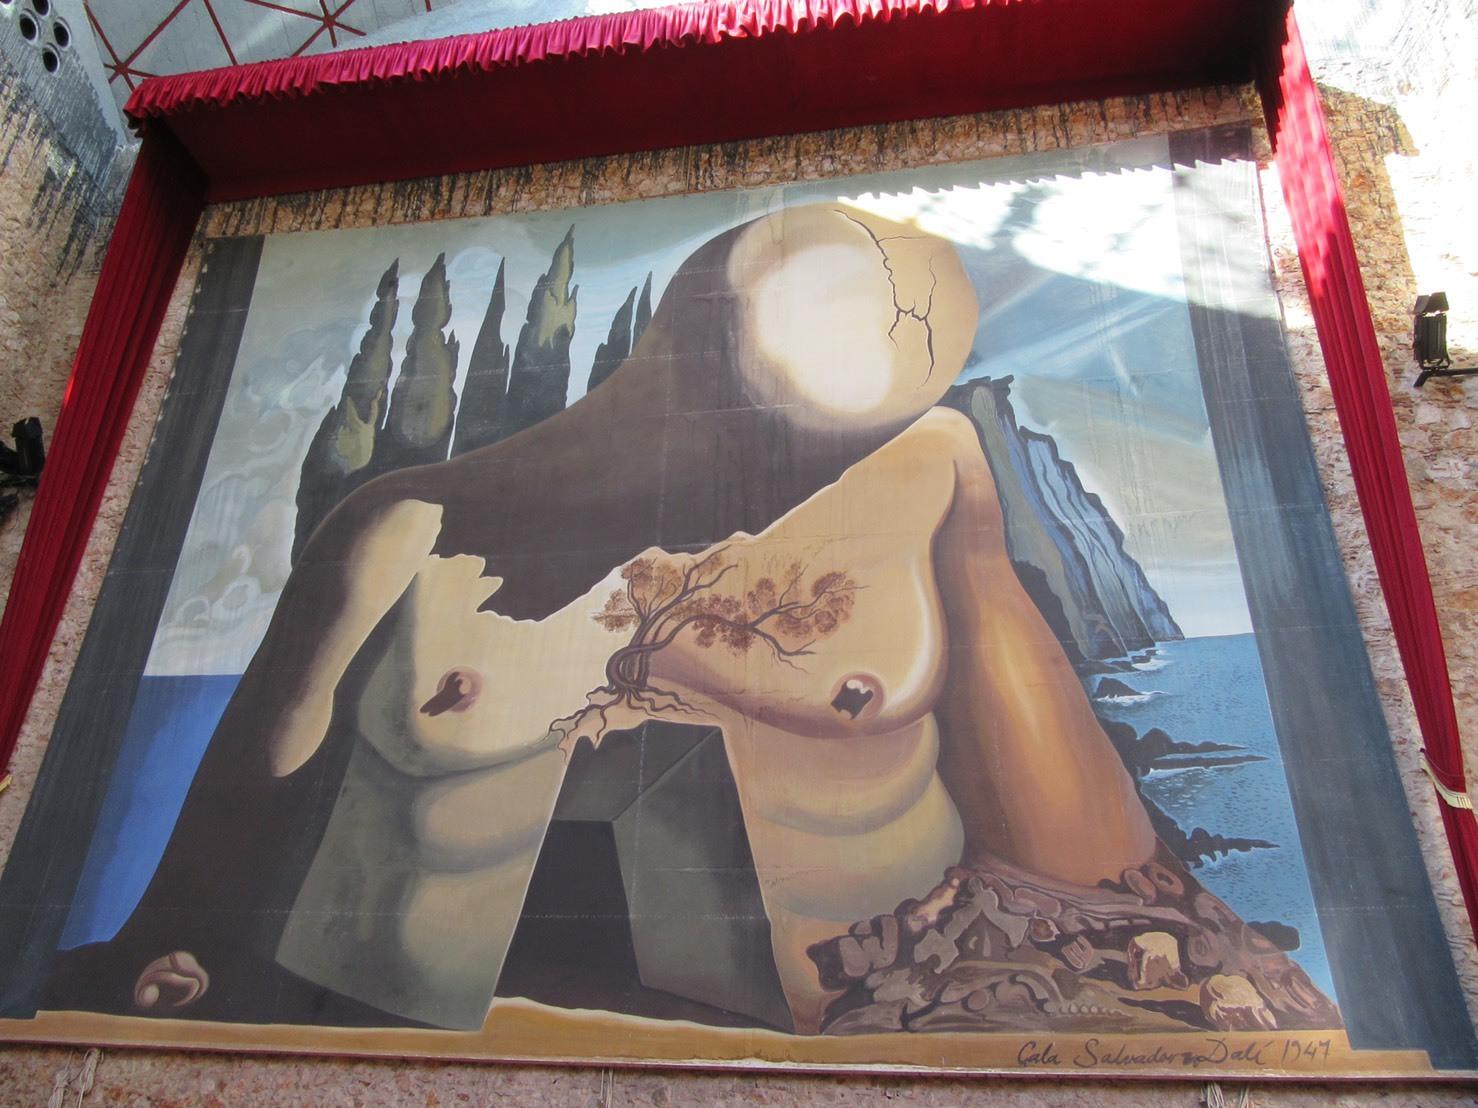 ダリ美術館の見どころを解説!スペインのフィゲラスにある美術館を解説!